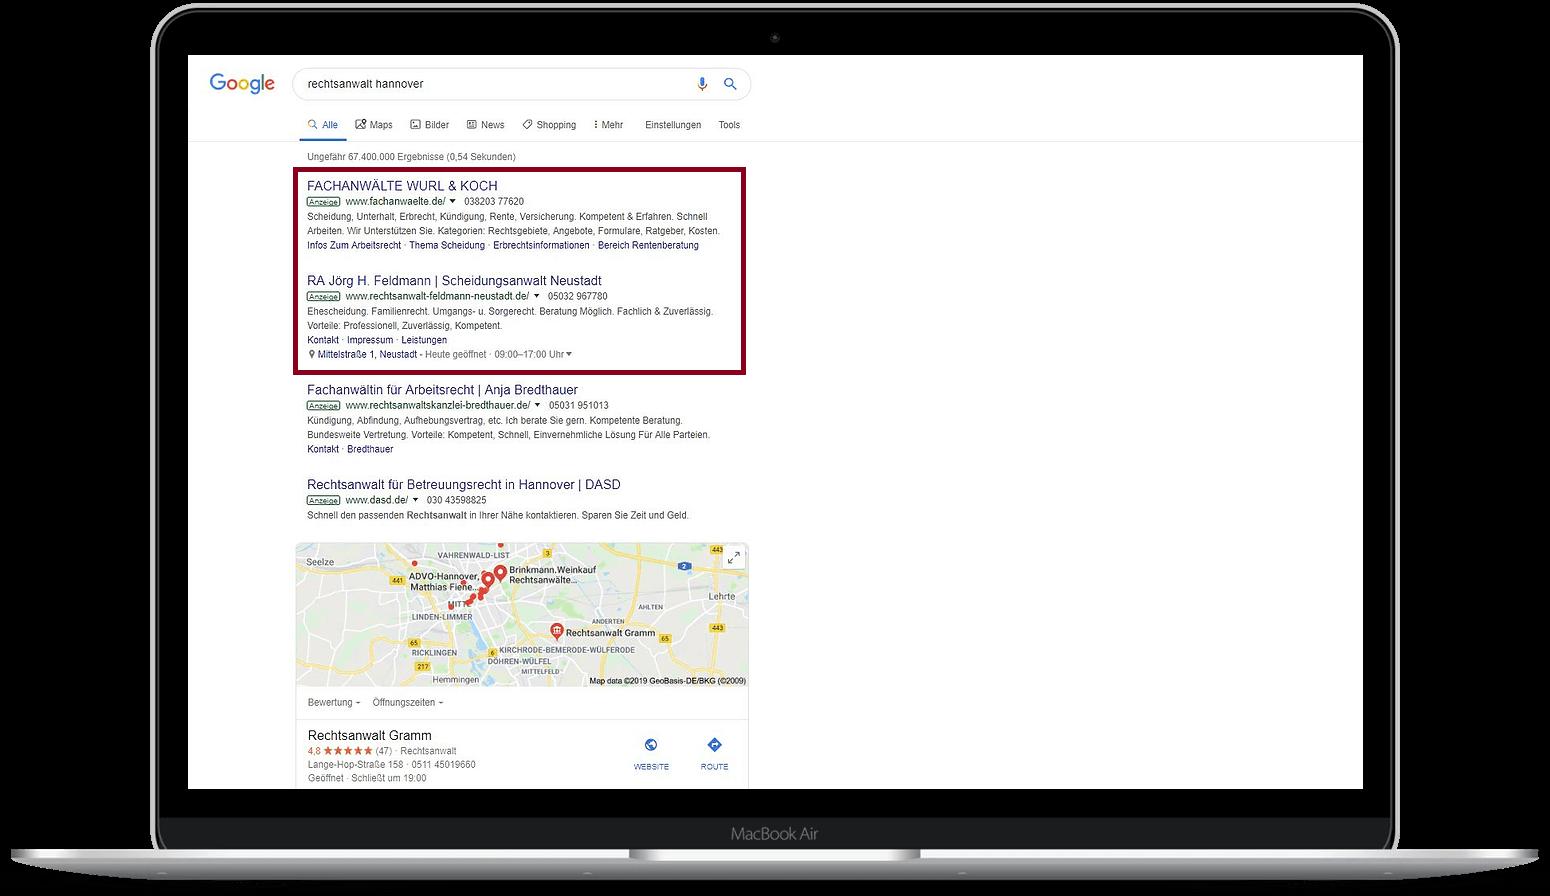 Google-Ads-Agentur Hannover Anzeige - Beispiel Rechtsanwalt